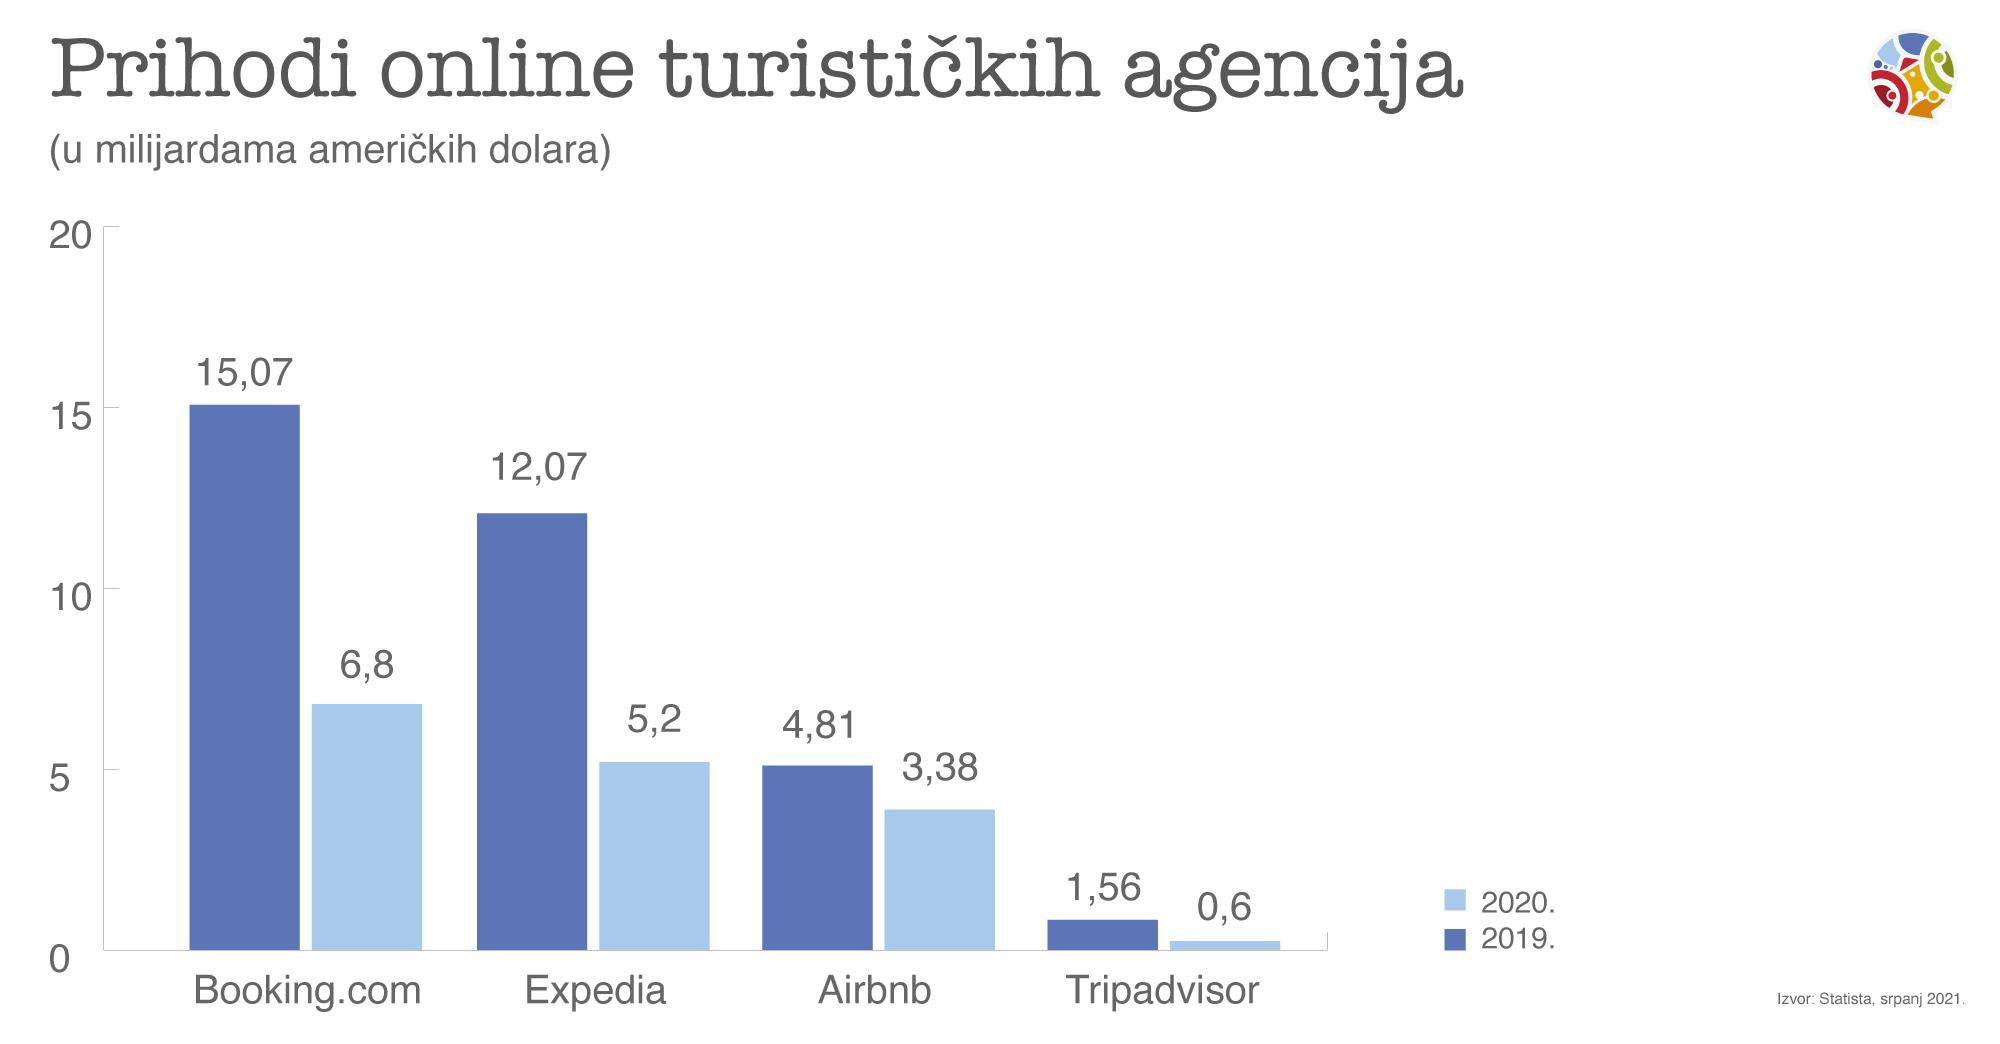 Prihodi OTA u 2019. i 2020.